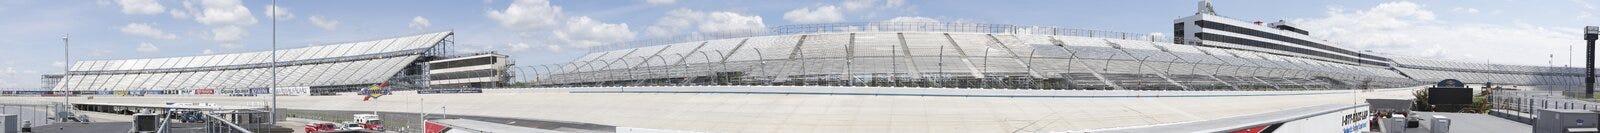 Panorama van Dover Motor Speedway Royalty-vrije Stock Fotografie